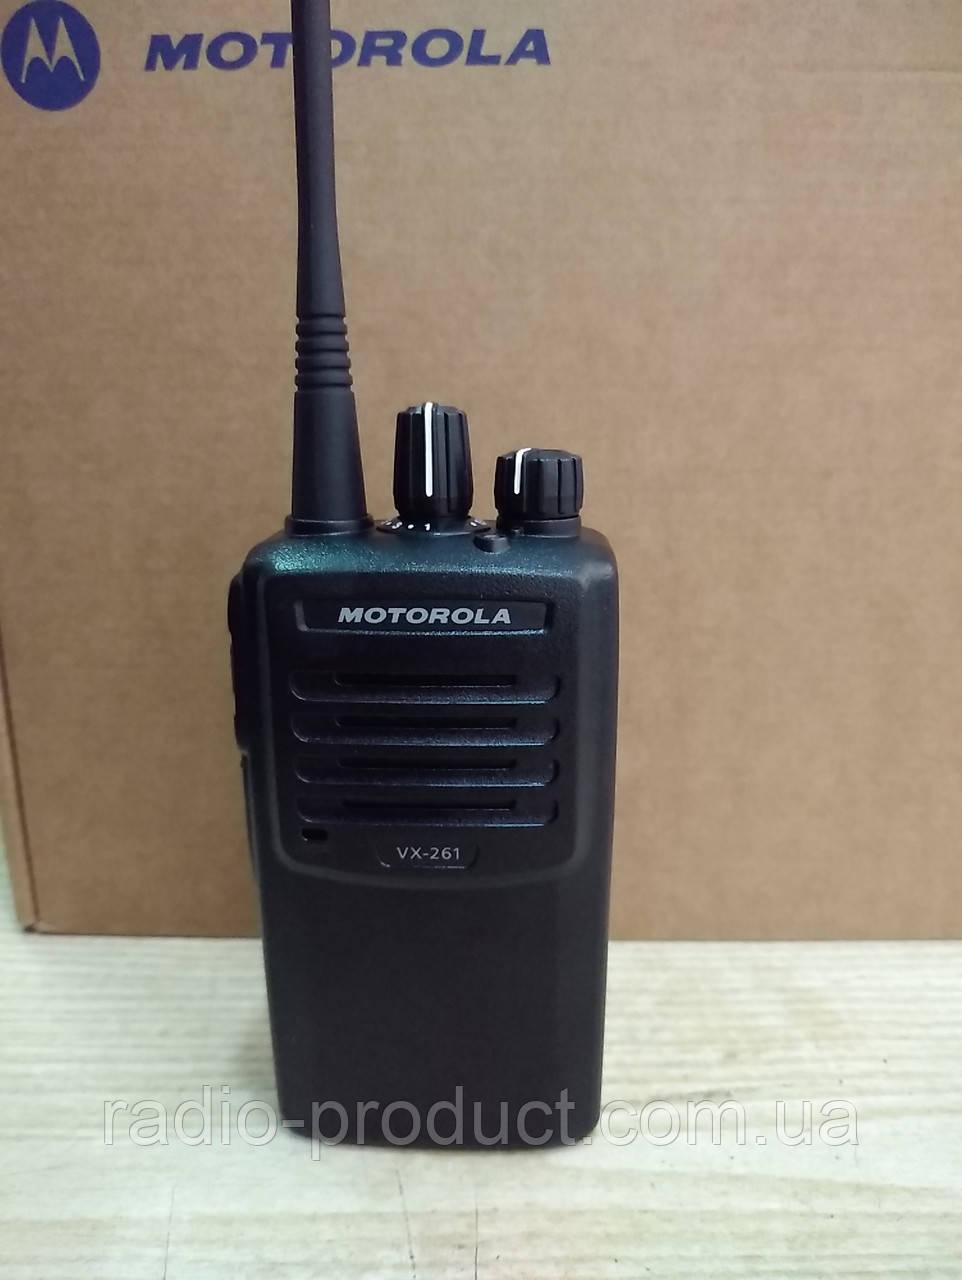 Motorola VX-261 VHF, + FNB-V134, профессиональная портативная радиостанция